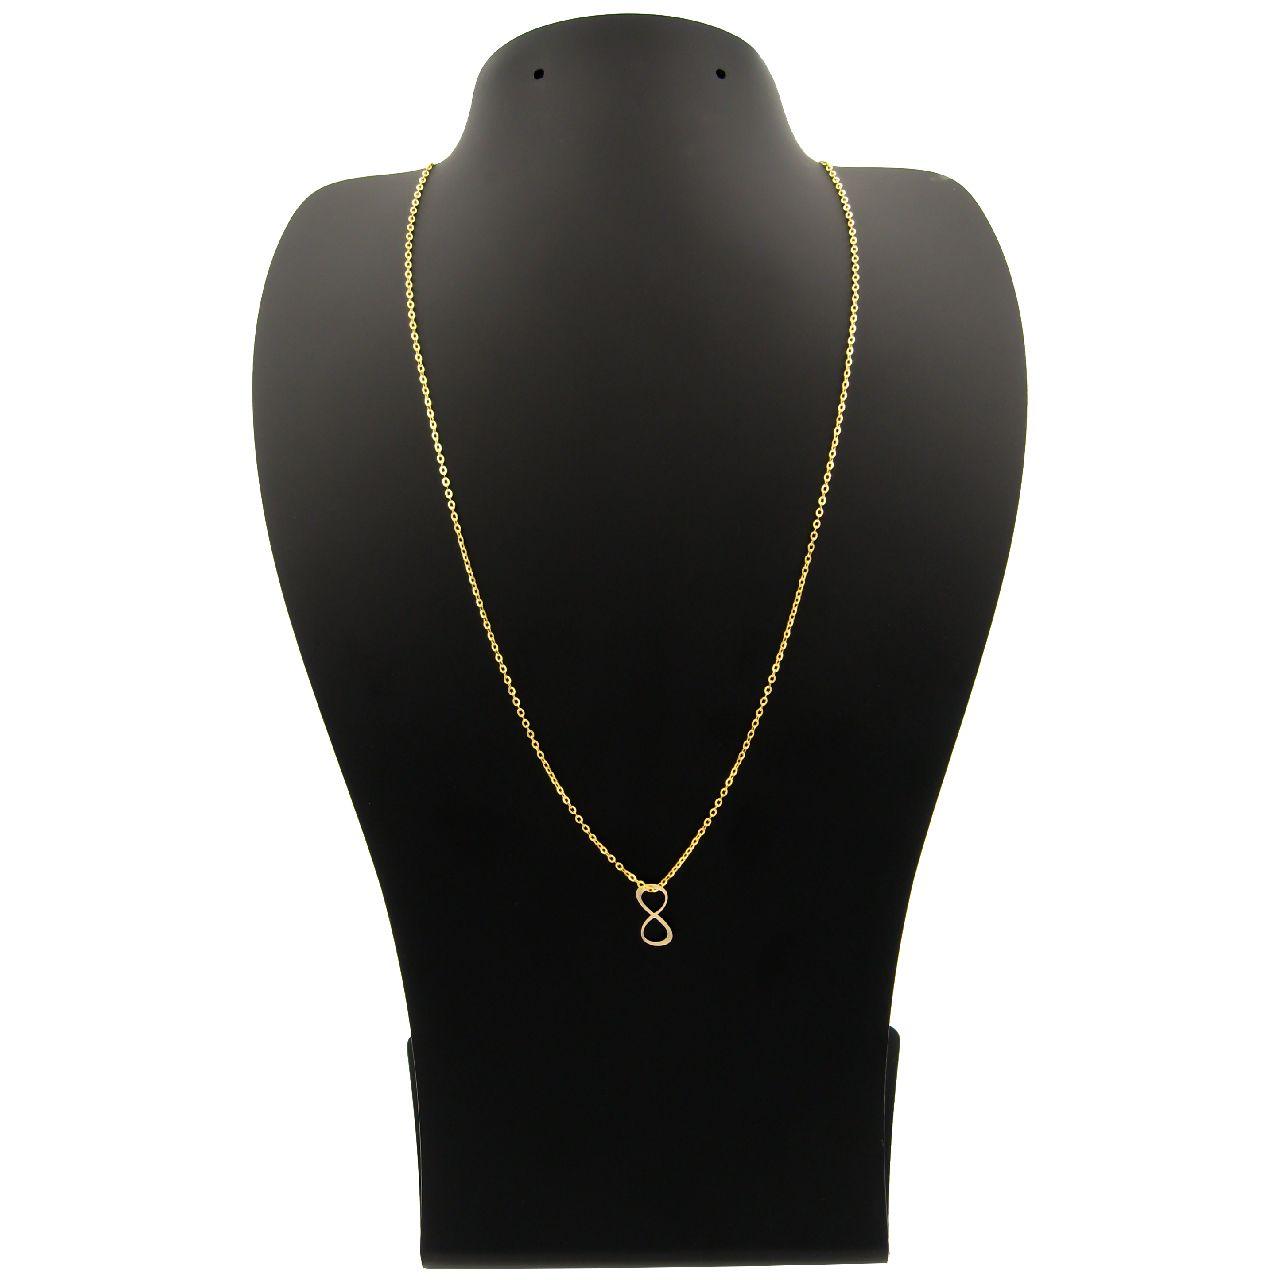 گردنبند طلا 18 عیار زنانه مانچو کد sfgs017 thumb 2 1